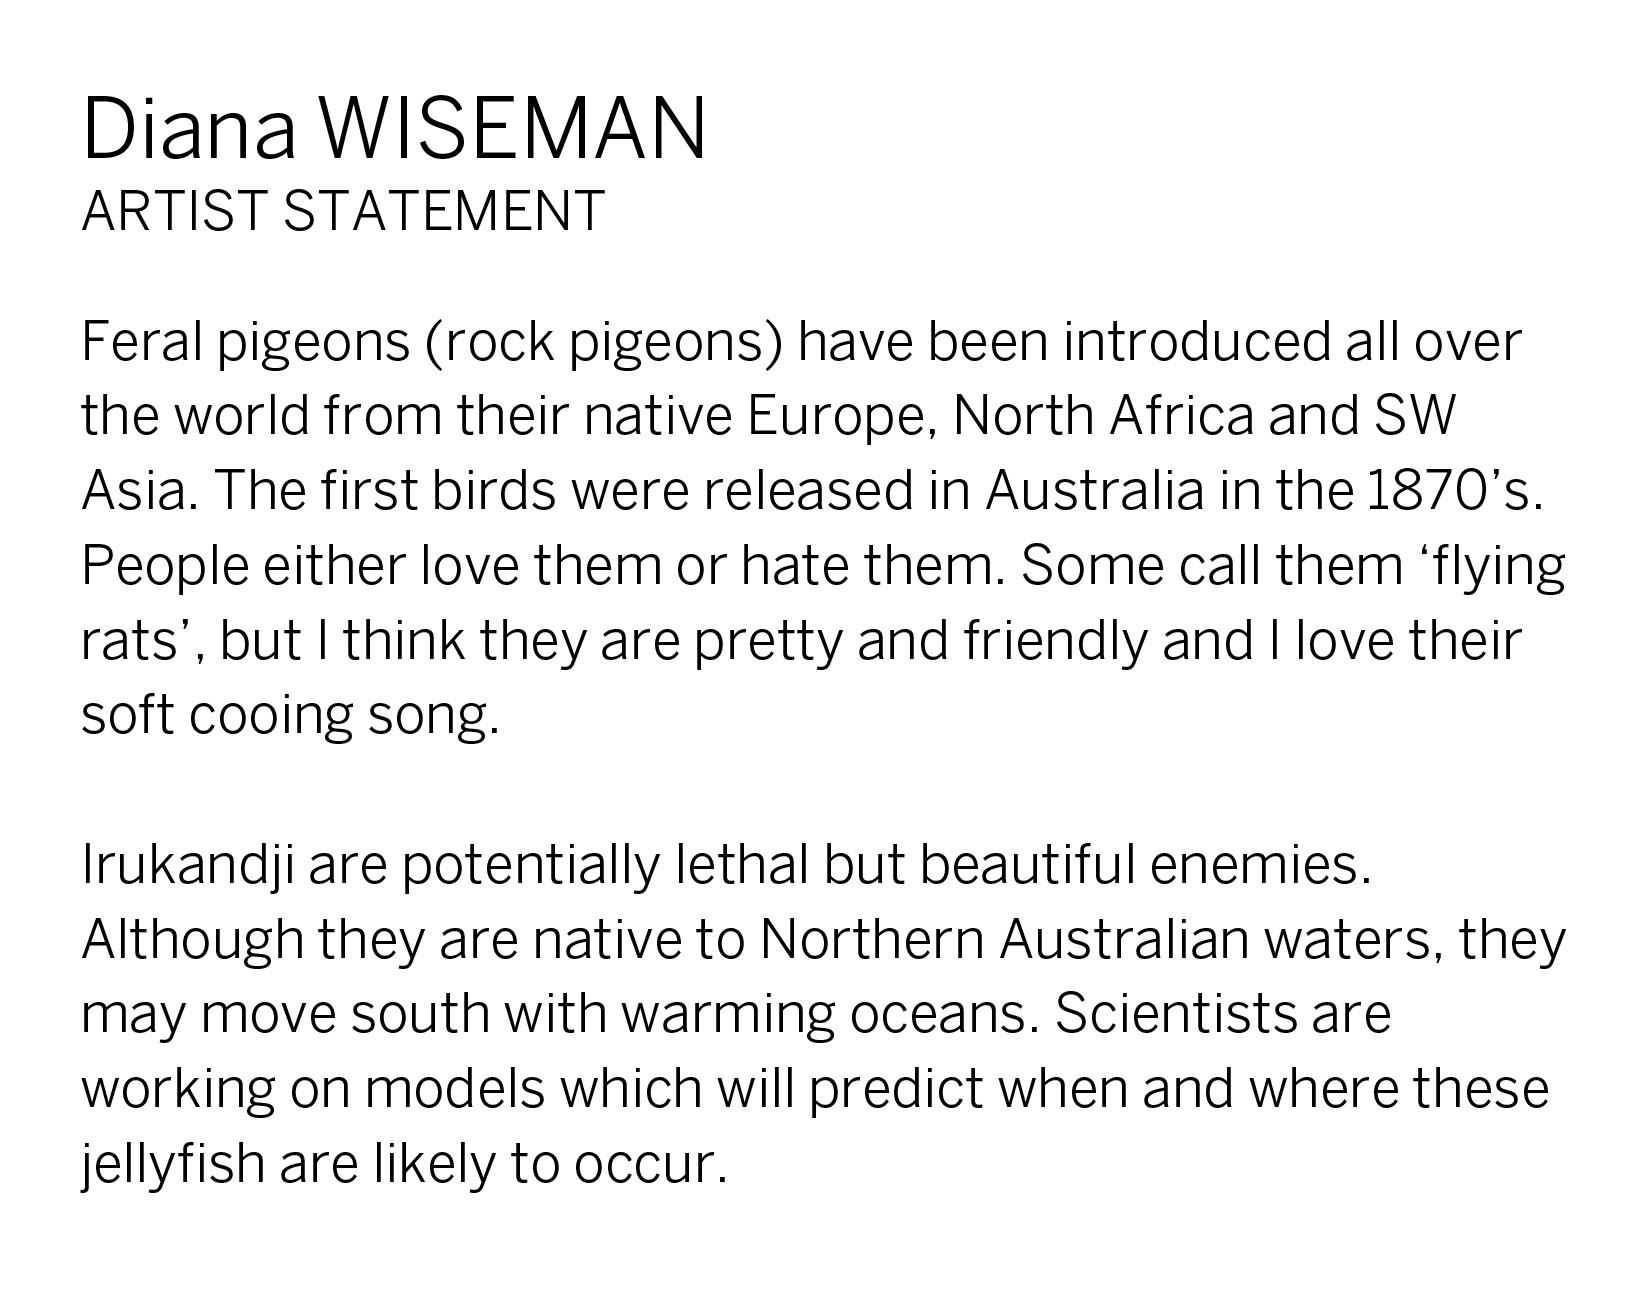 Diana Wiseman Artist Statement